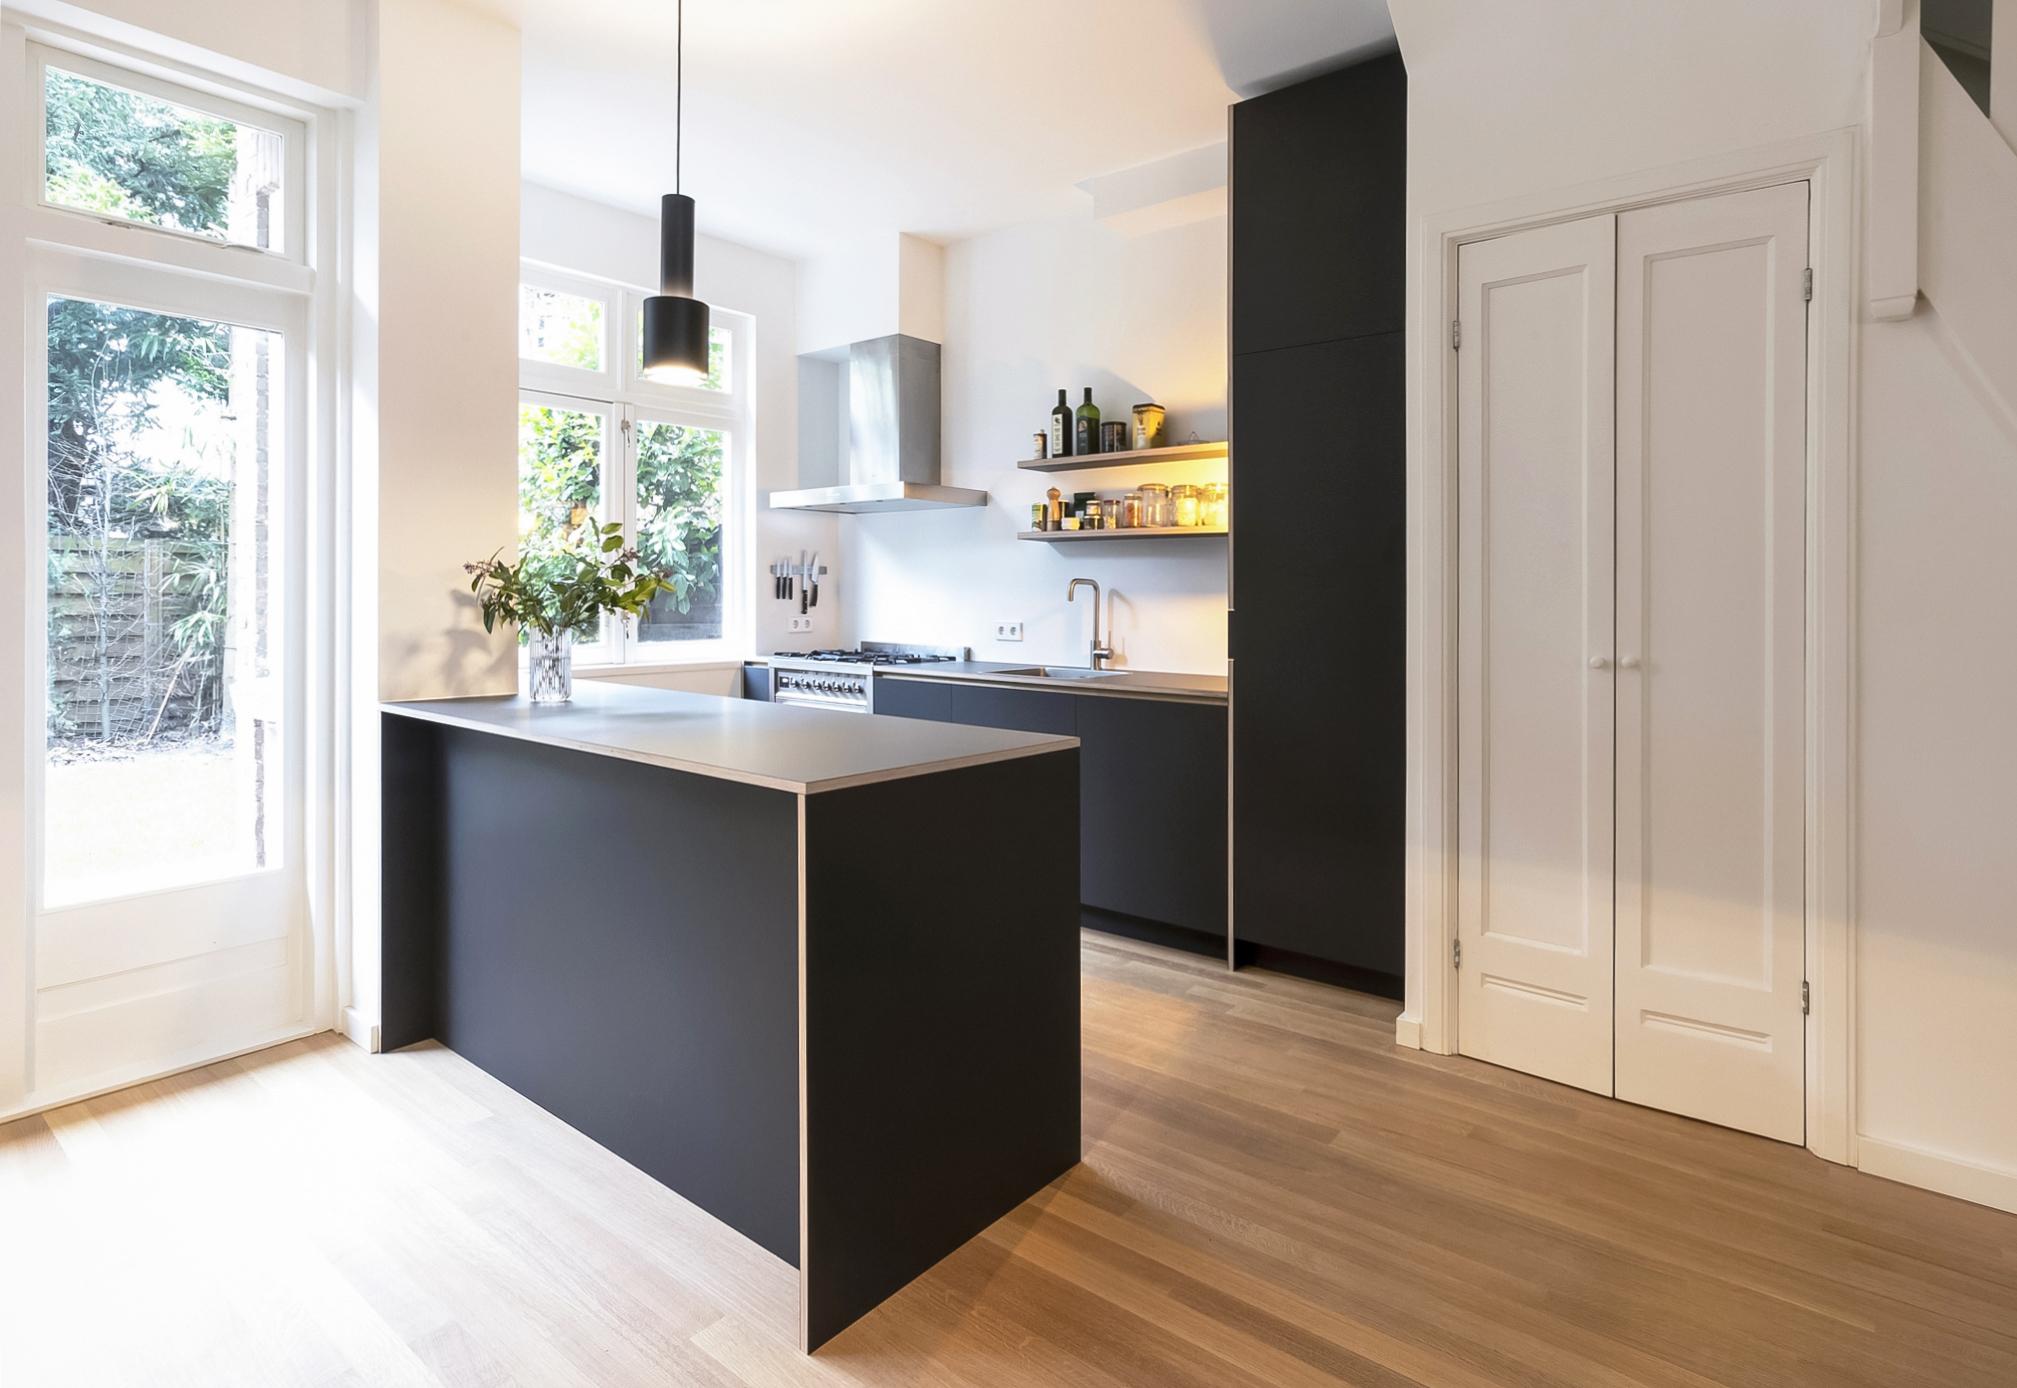 Keuken met schiereiland en SMEG fornuis gemaakt van linoleum en berkenmultiplex - Amsterdam Zuid